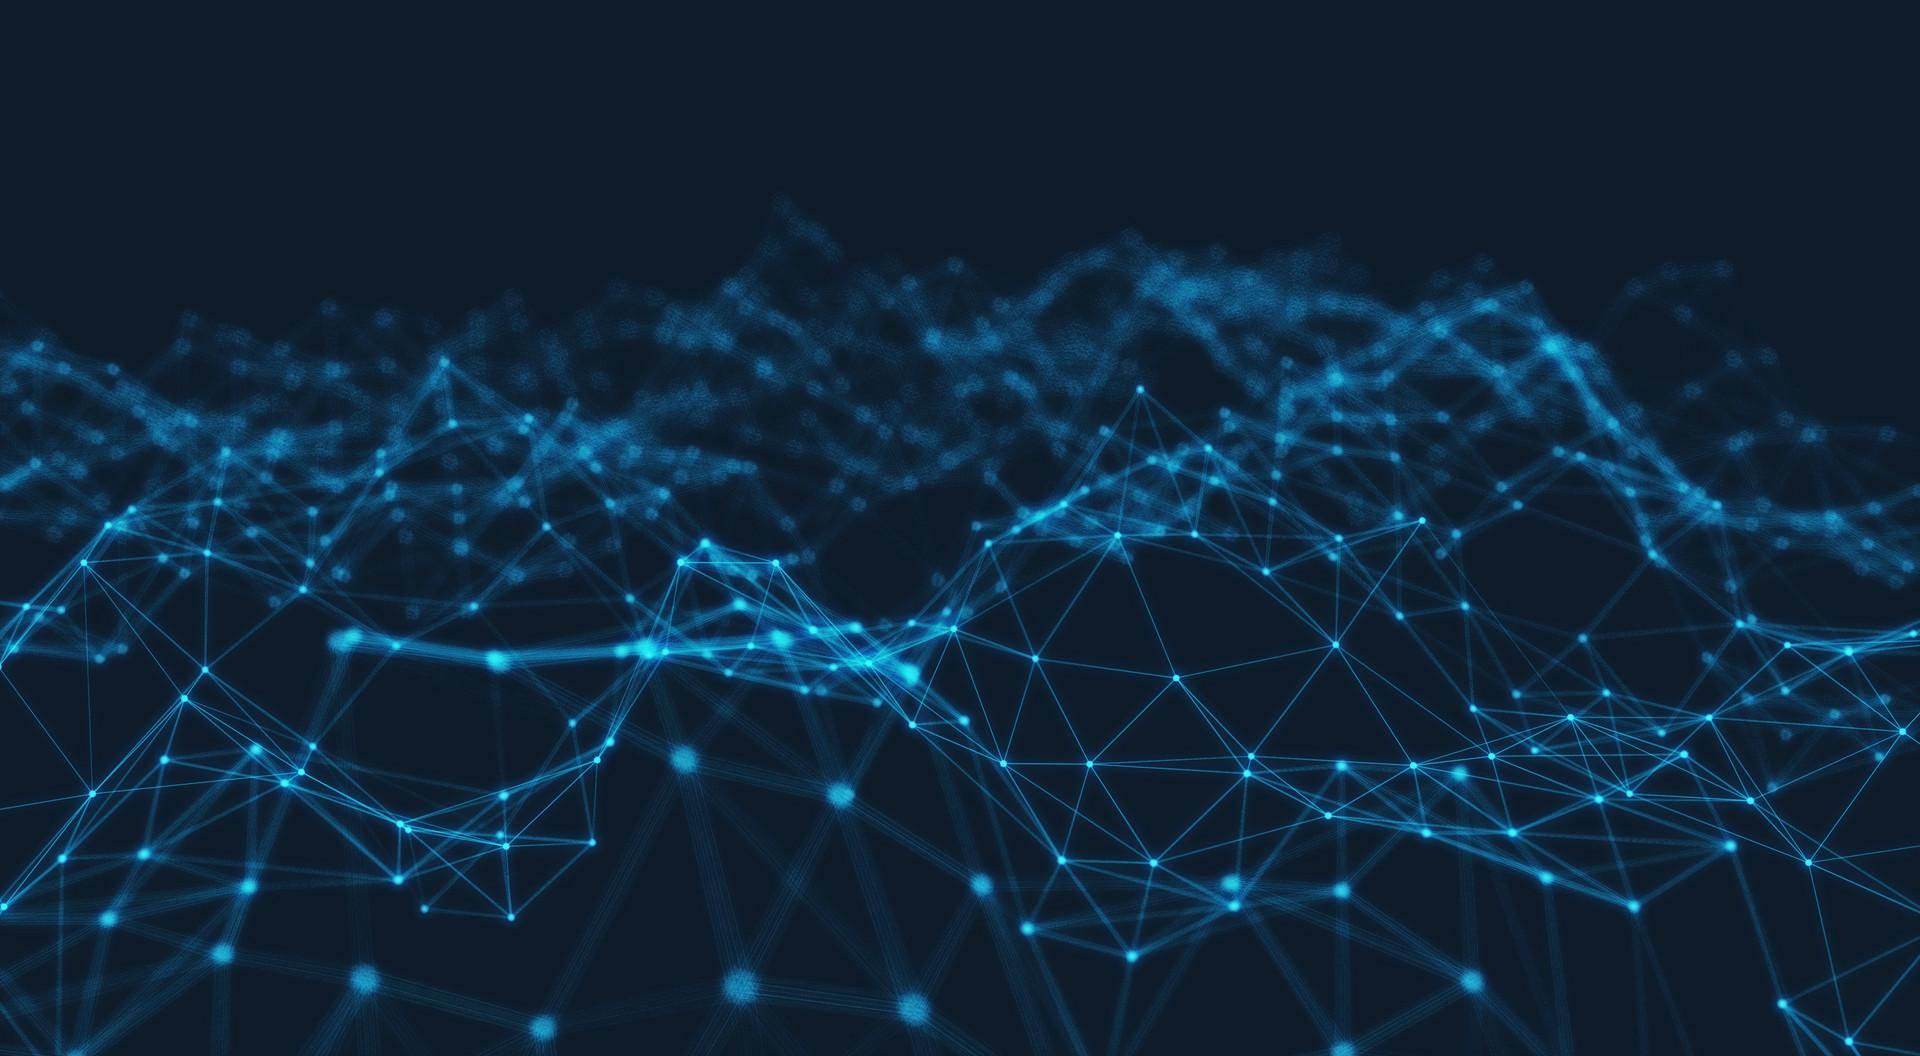 美FTC�令五大科技巨�^提供小型并�交易相�P消息